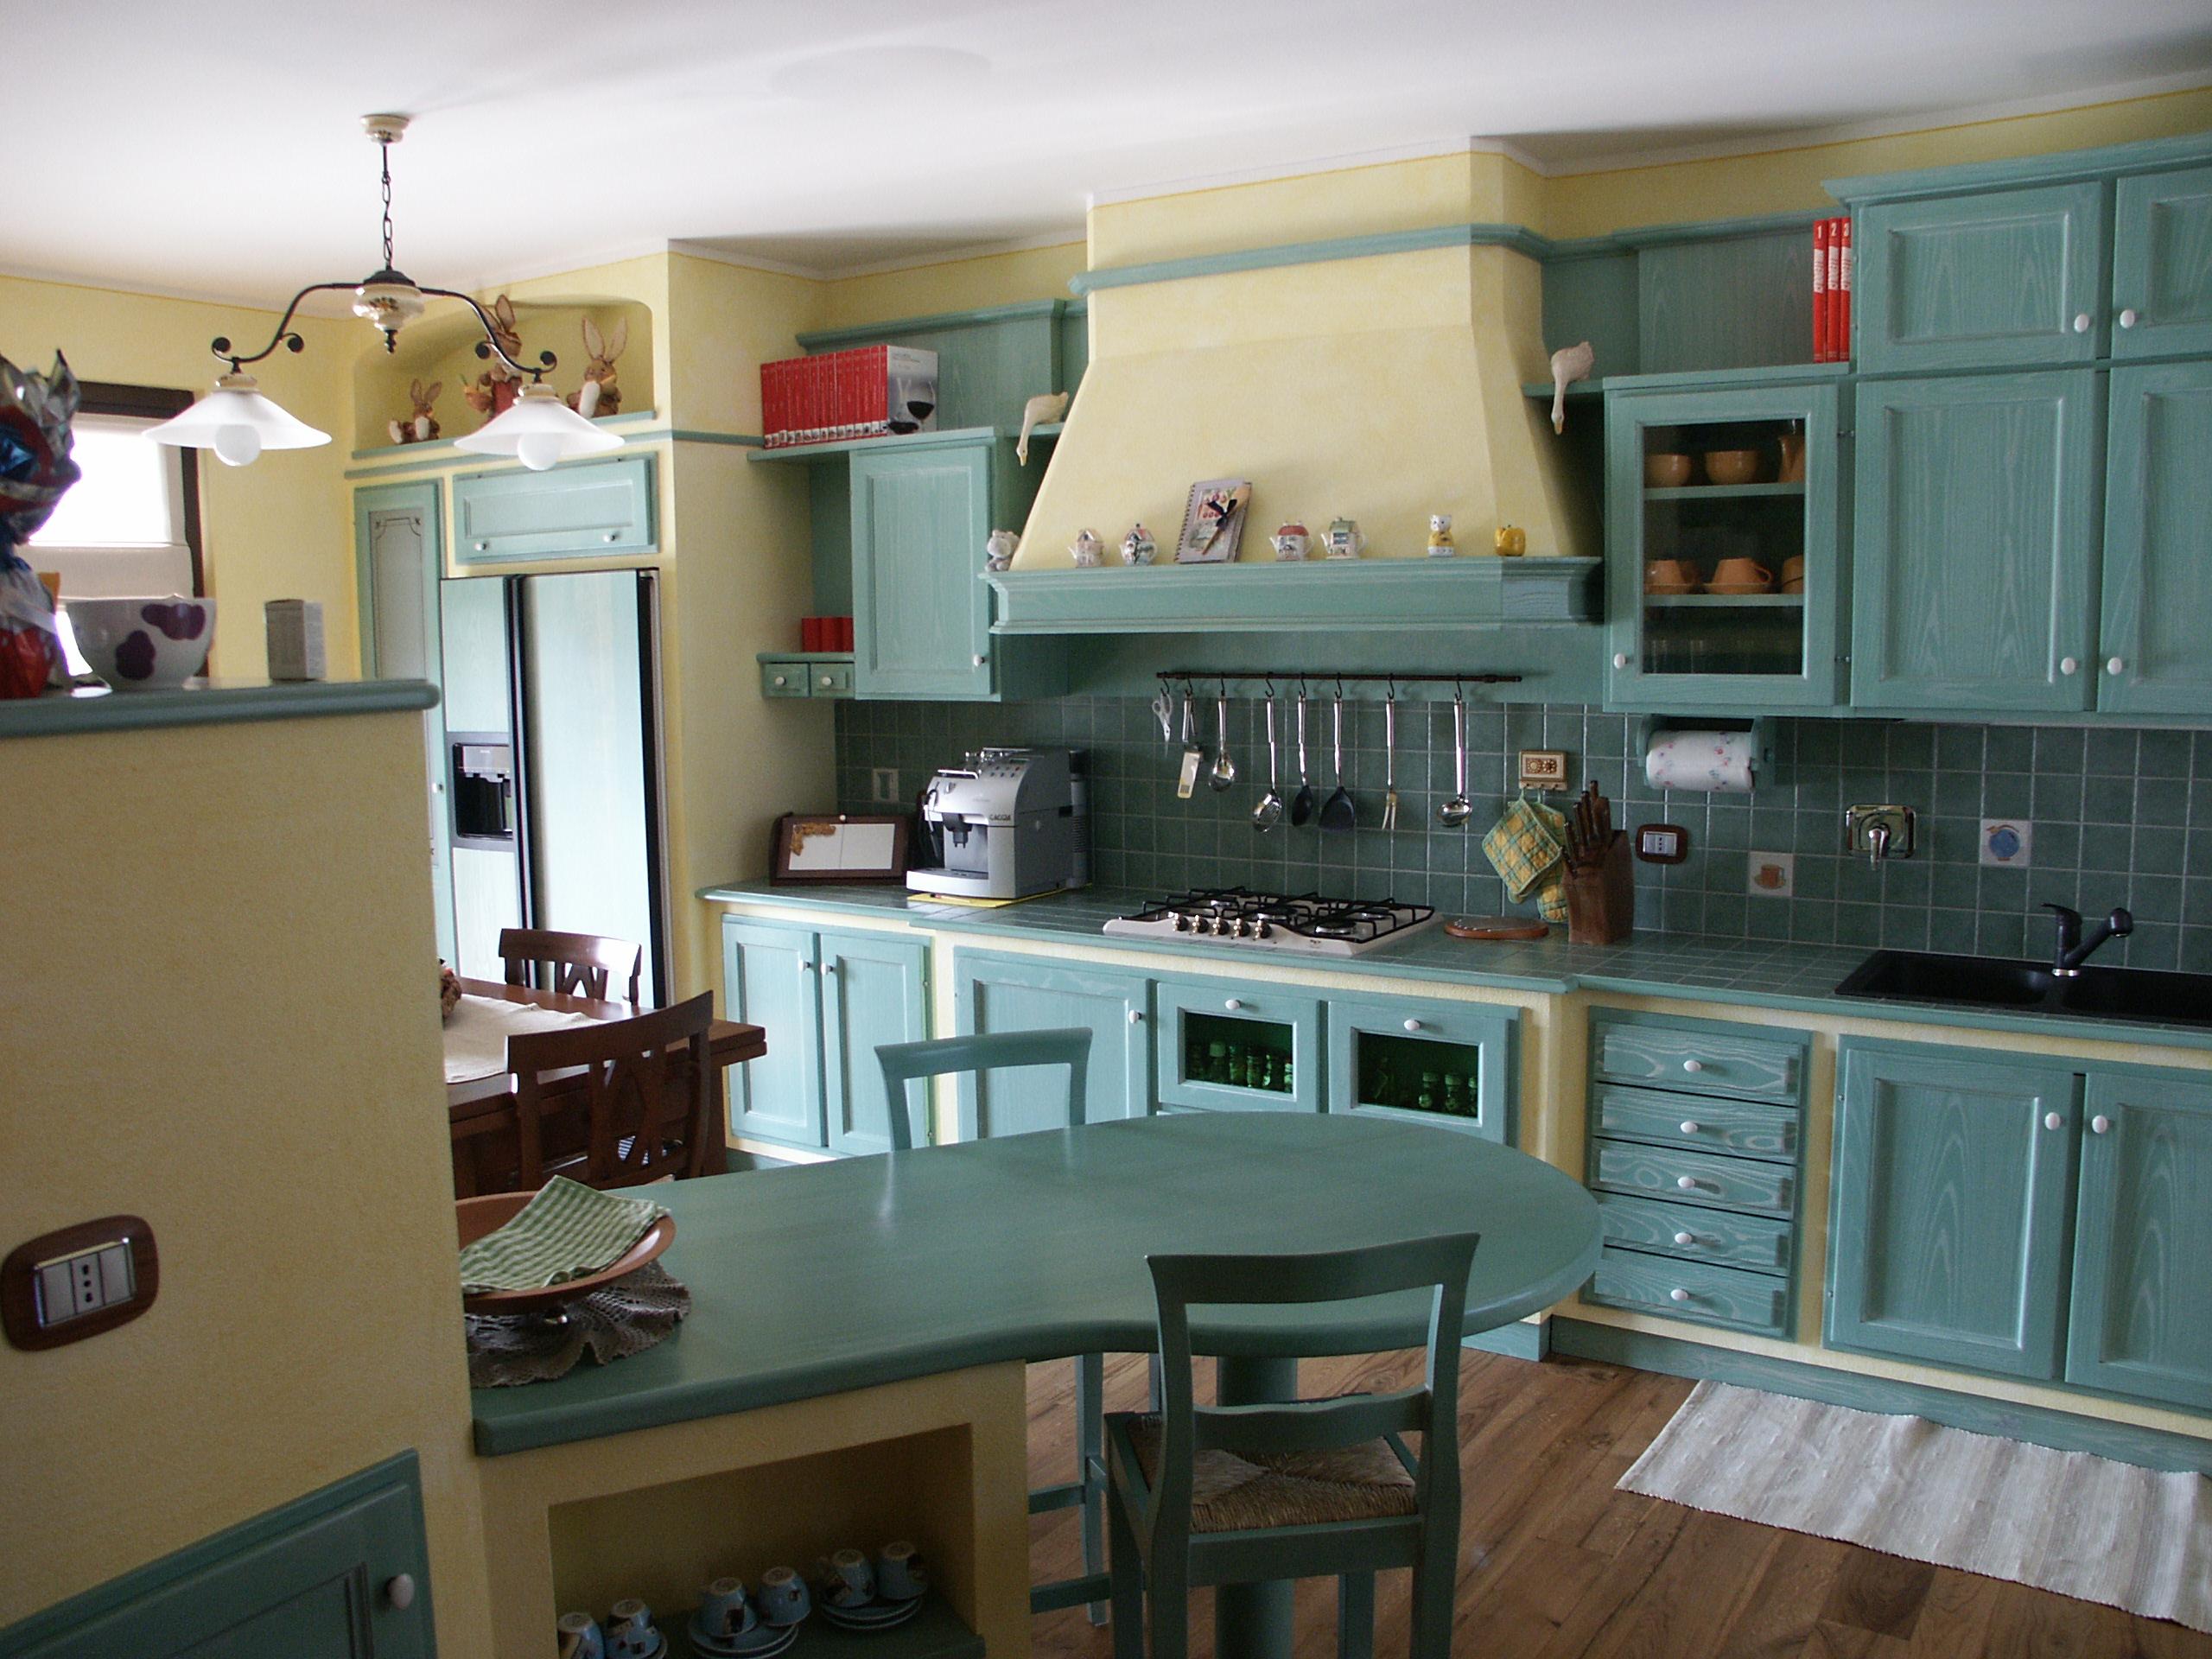 Cucine in muratura moderne prezzi in legno per cucina - Offerte cucine componibili ikea ...